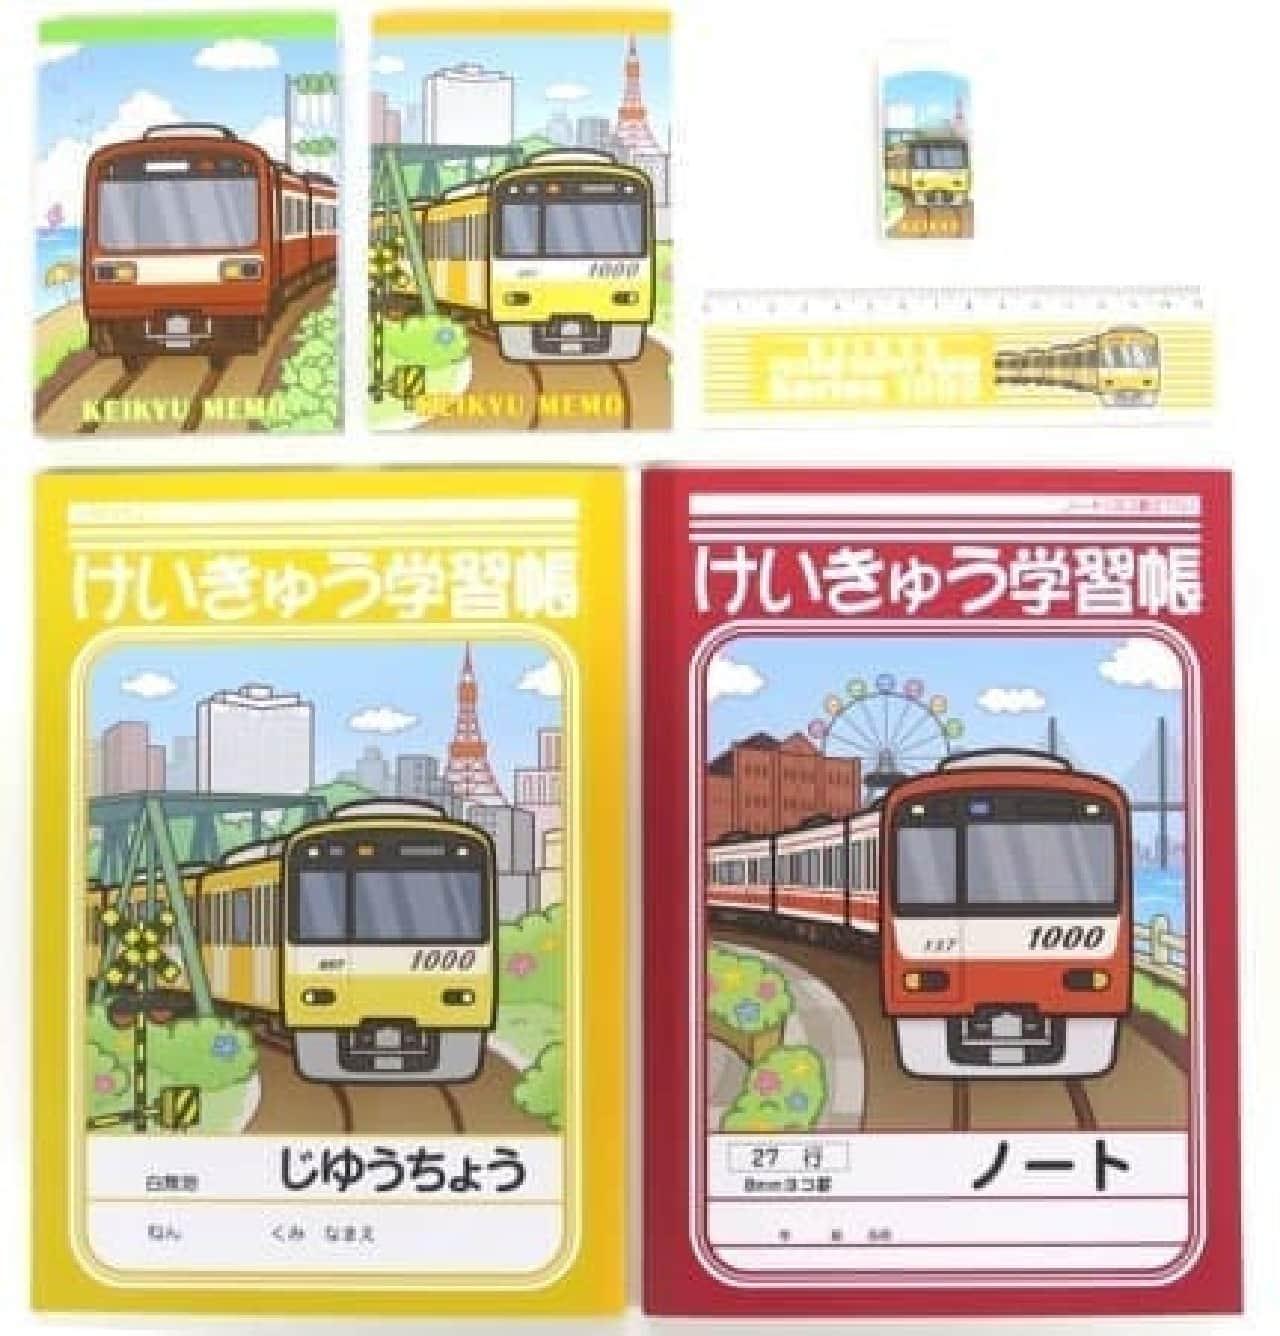 京急電車といつも一緒